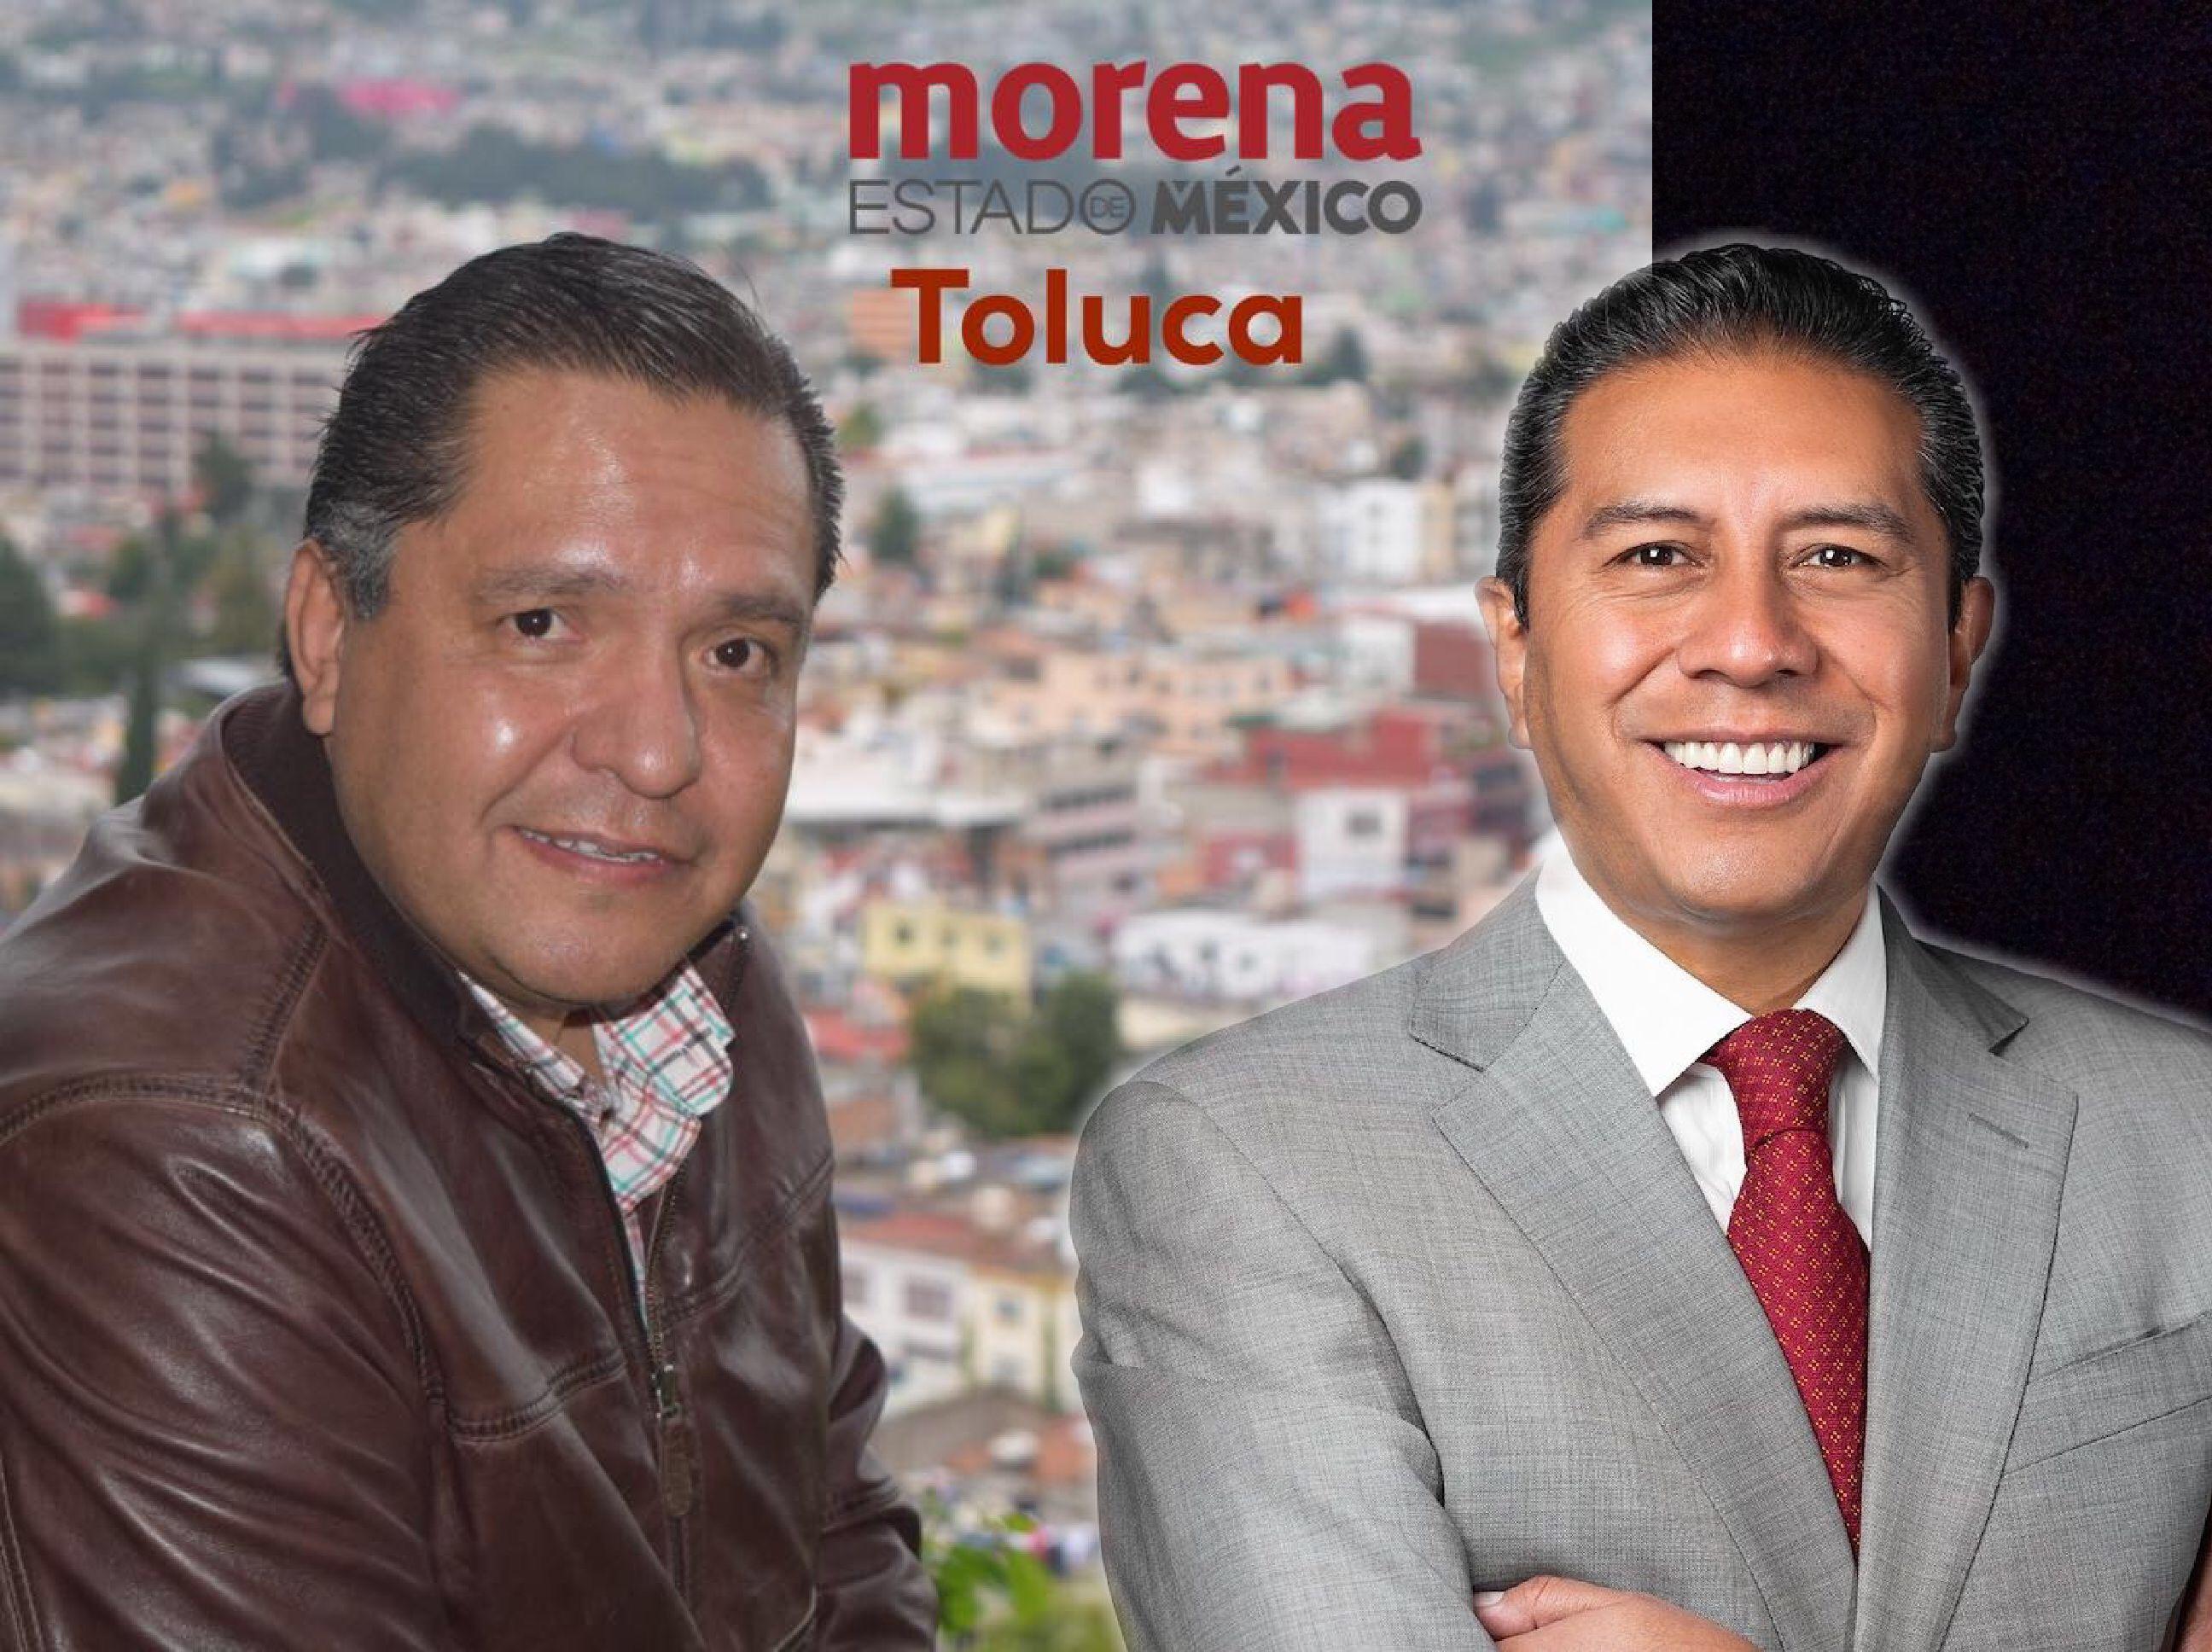 Va Ricardo Moreno a secretaria del ayuntamiento